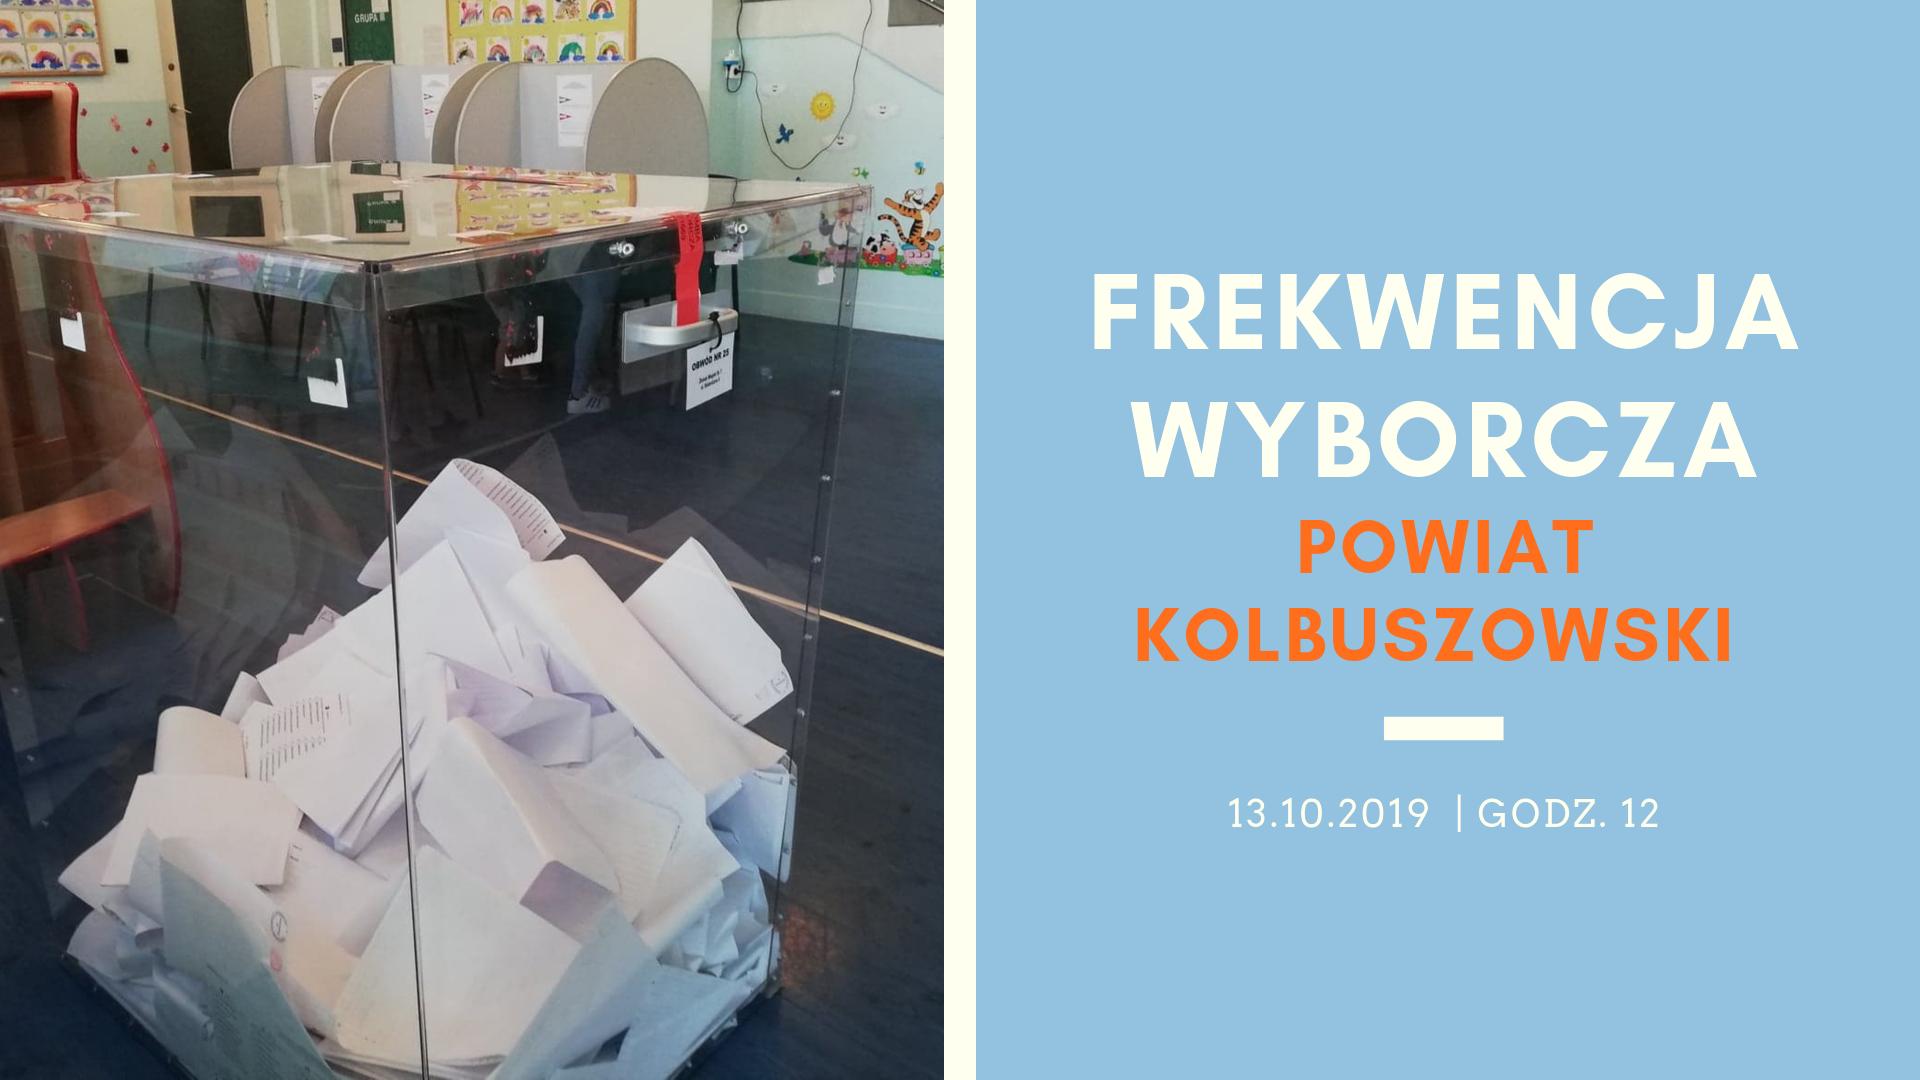 Dzisiaj wybory parlamentarne. Jak wgląda frekwencja o godz. 12 w powiecie kolbuszowskim? [WYBORY 2019] - Zdjęcie główne